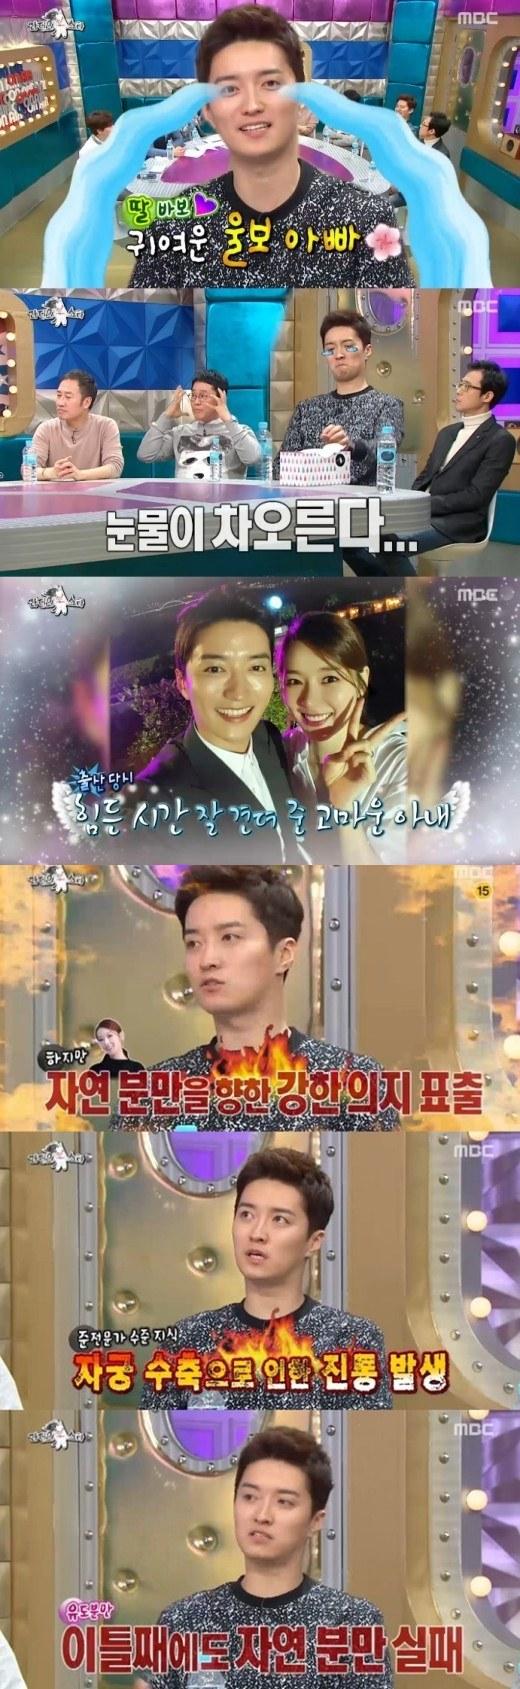 사진=MBC '라디오 스타' 캡처